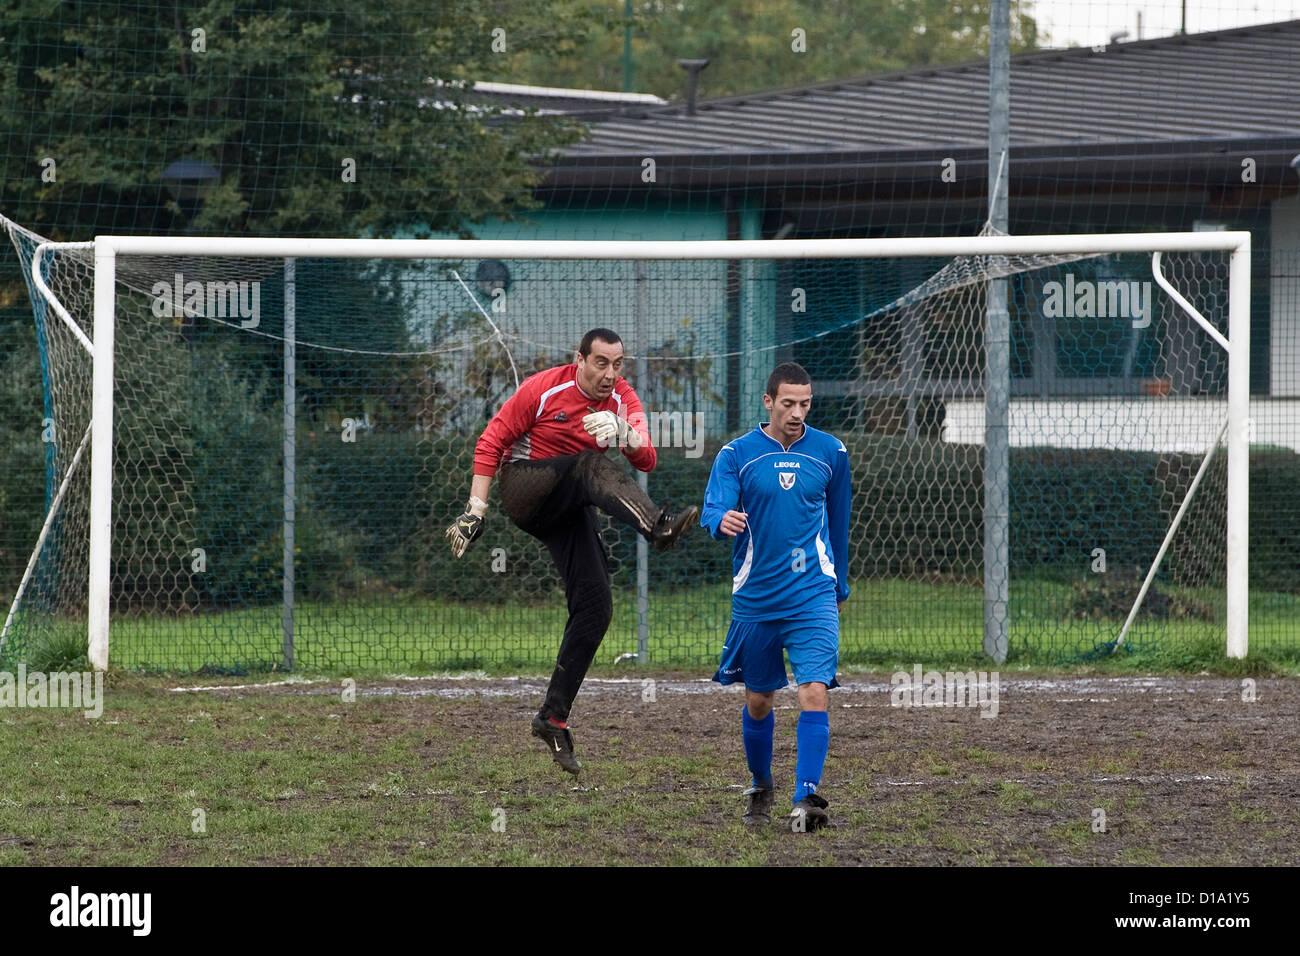 Italy, Sesto san Giovanni, football game - Stock Image